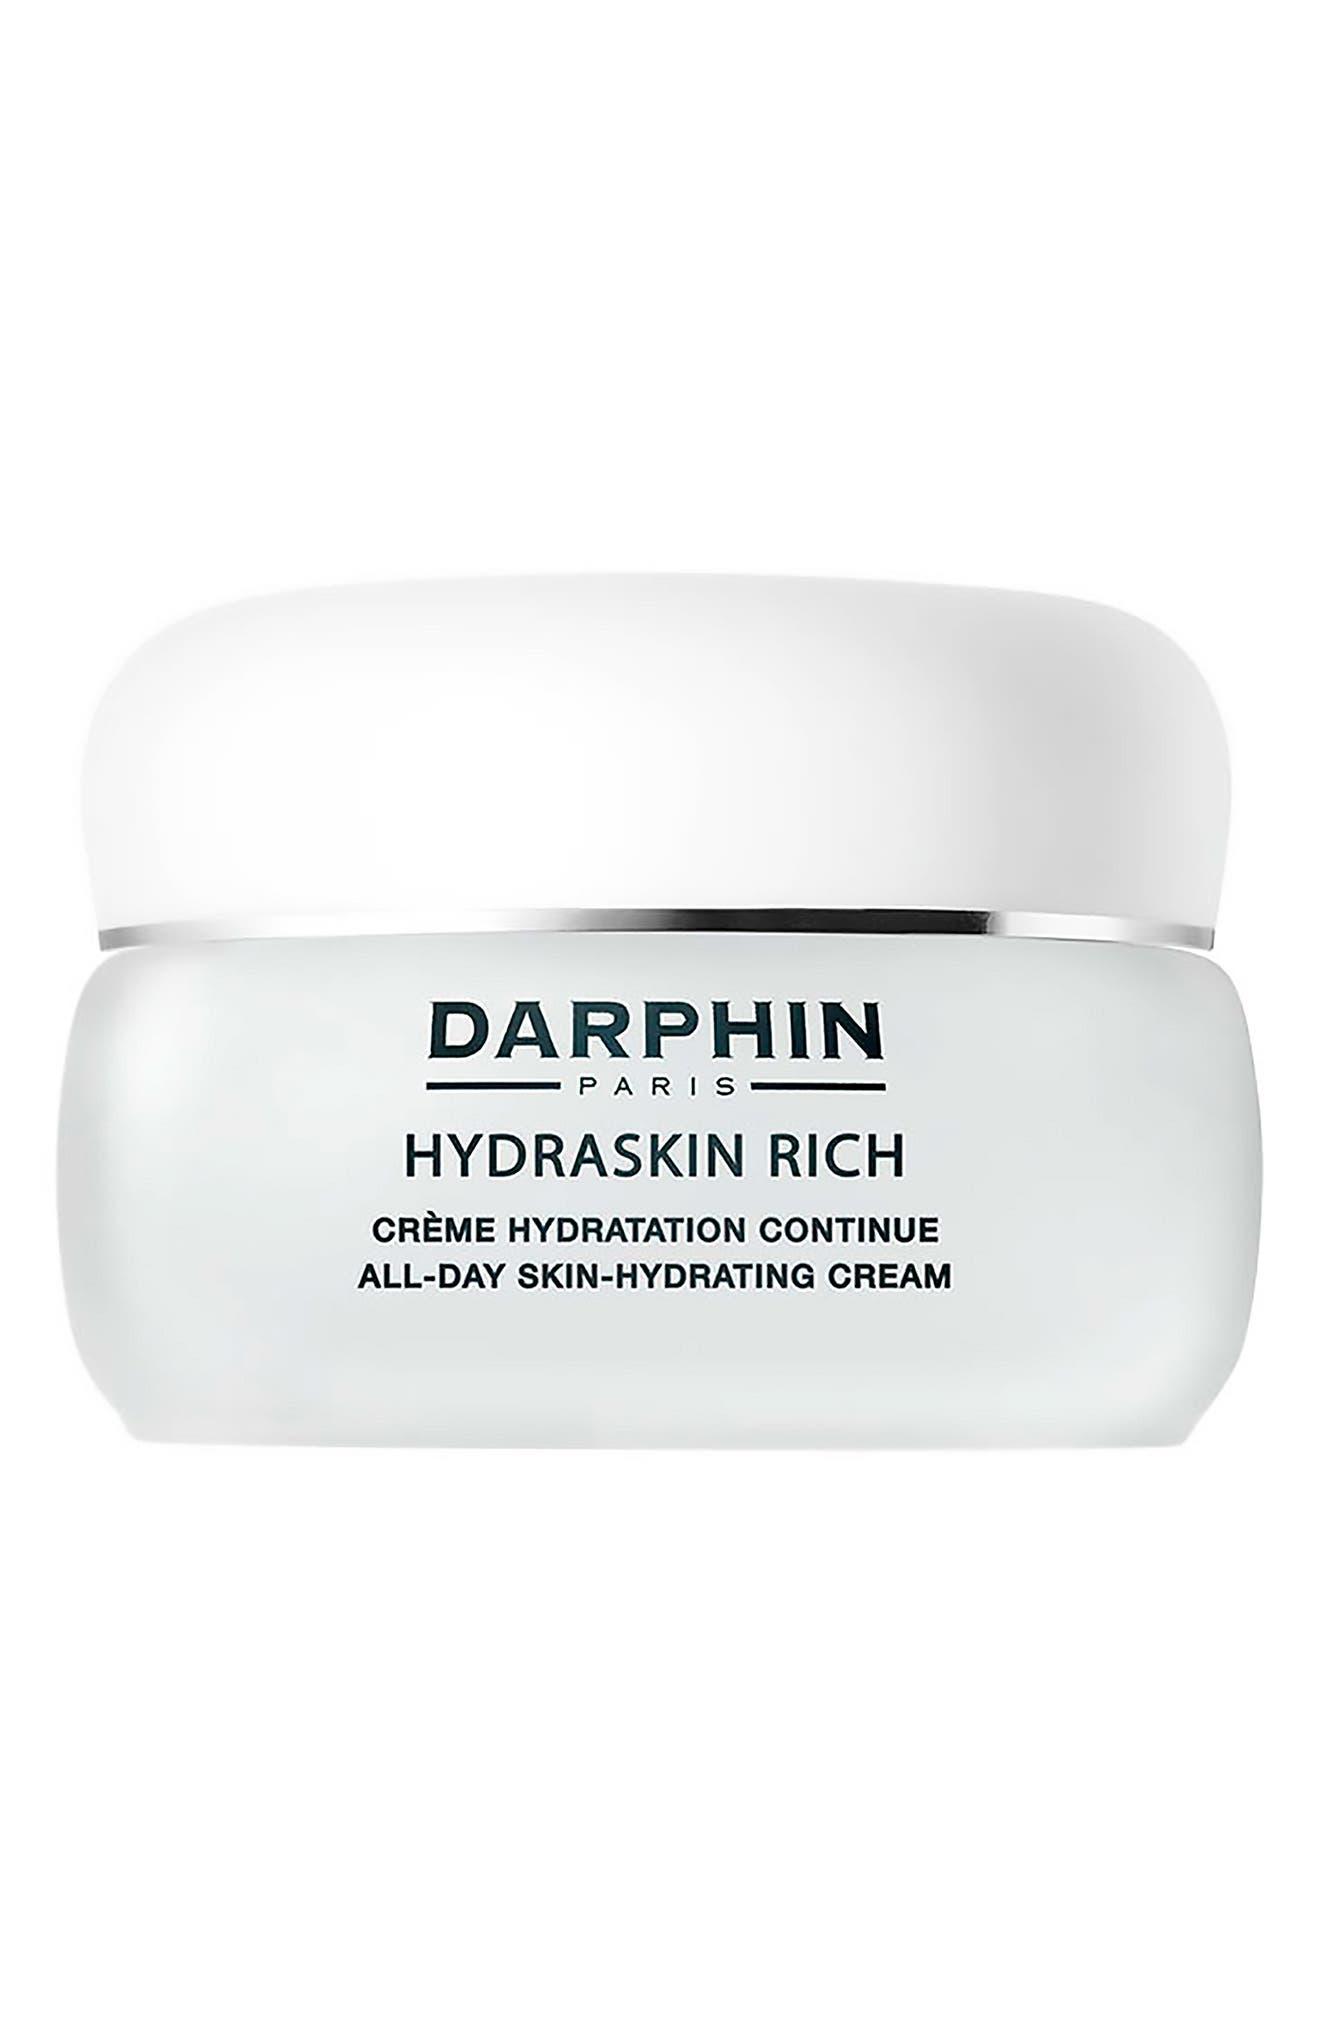 Hydraskin Rich All-Day Skin Hydrating Cream